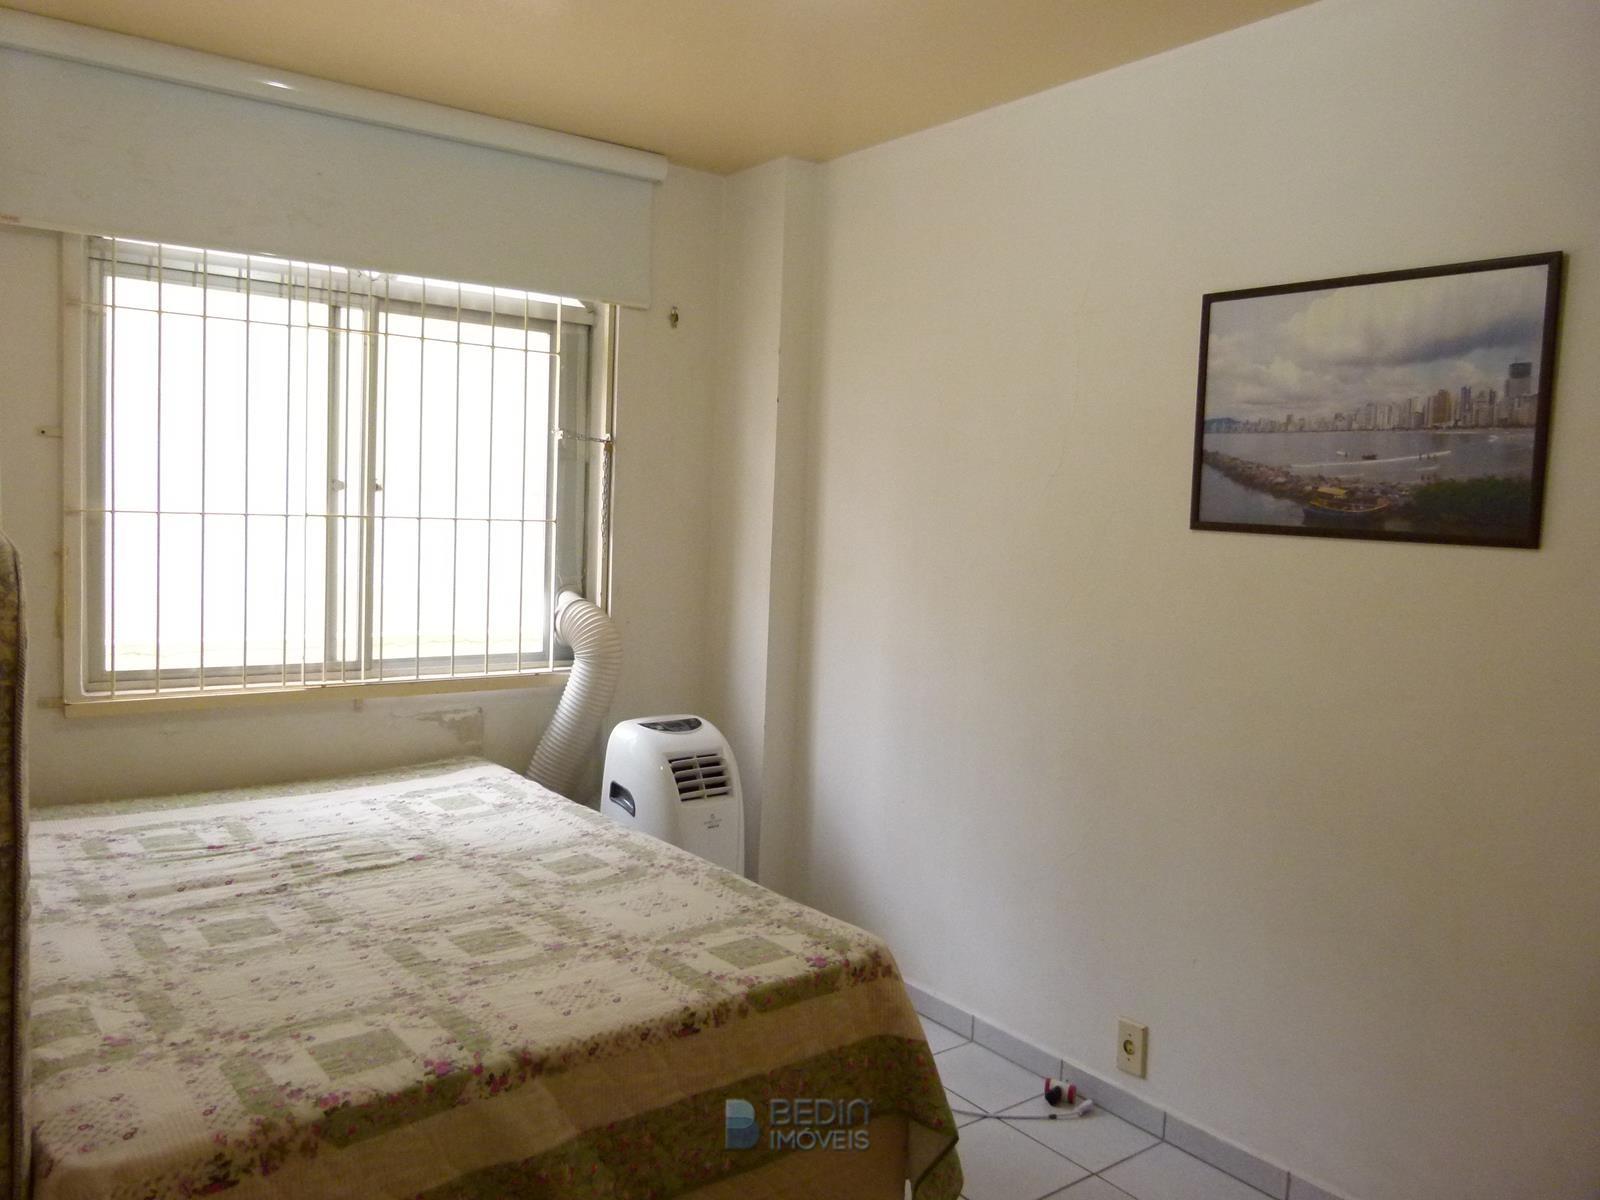 Aluguel 02 dormitórios BC